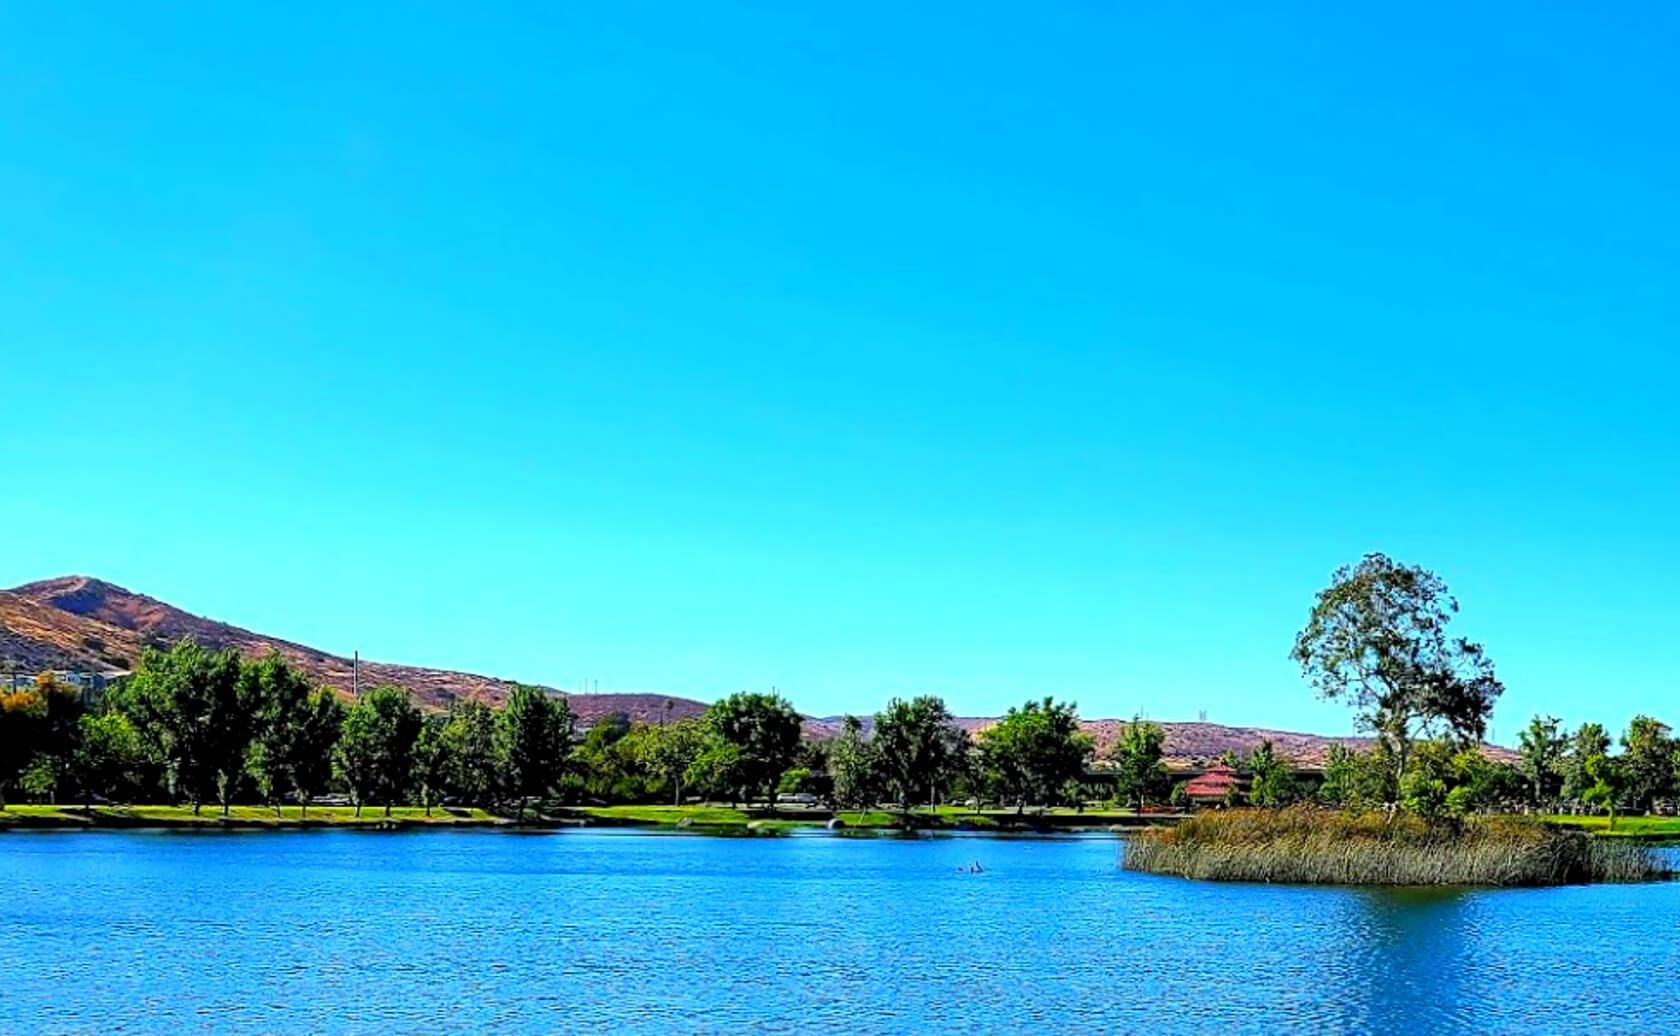 Santee-Lakes-Fishing-Guide-Report-California-01